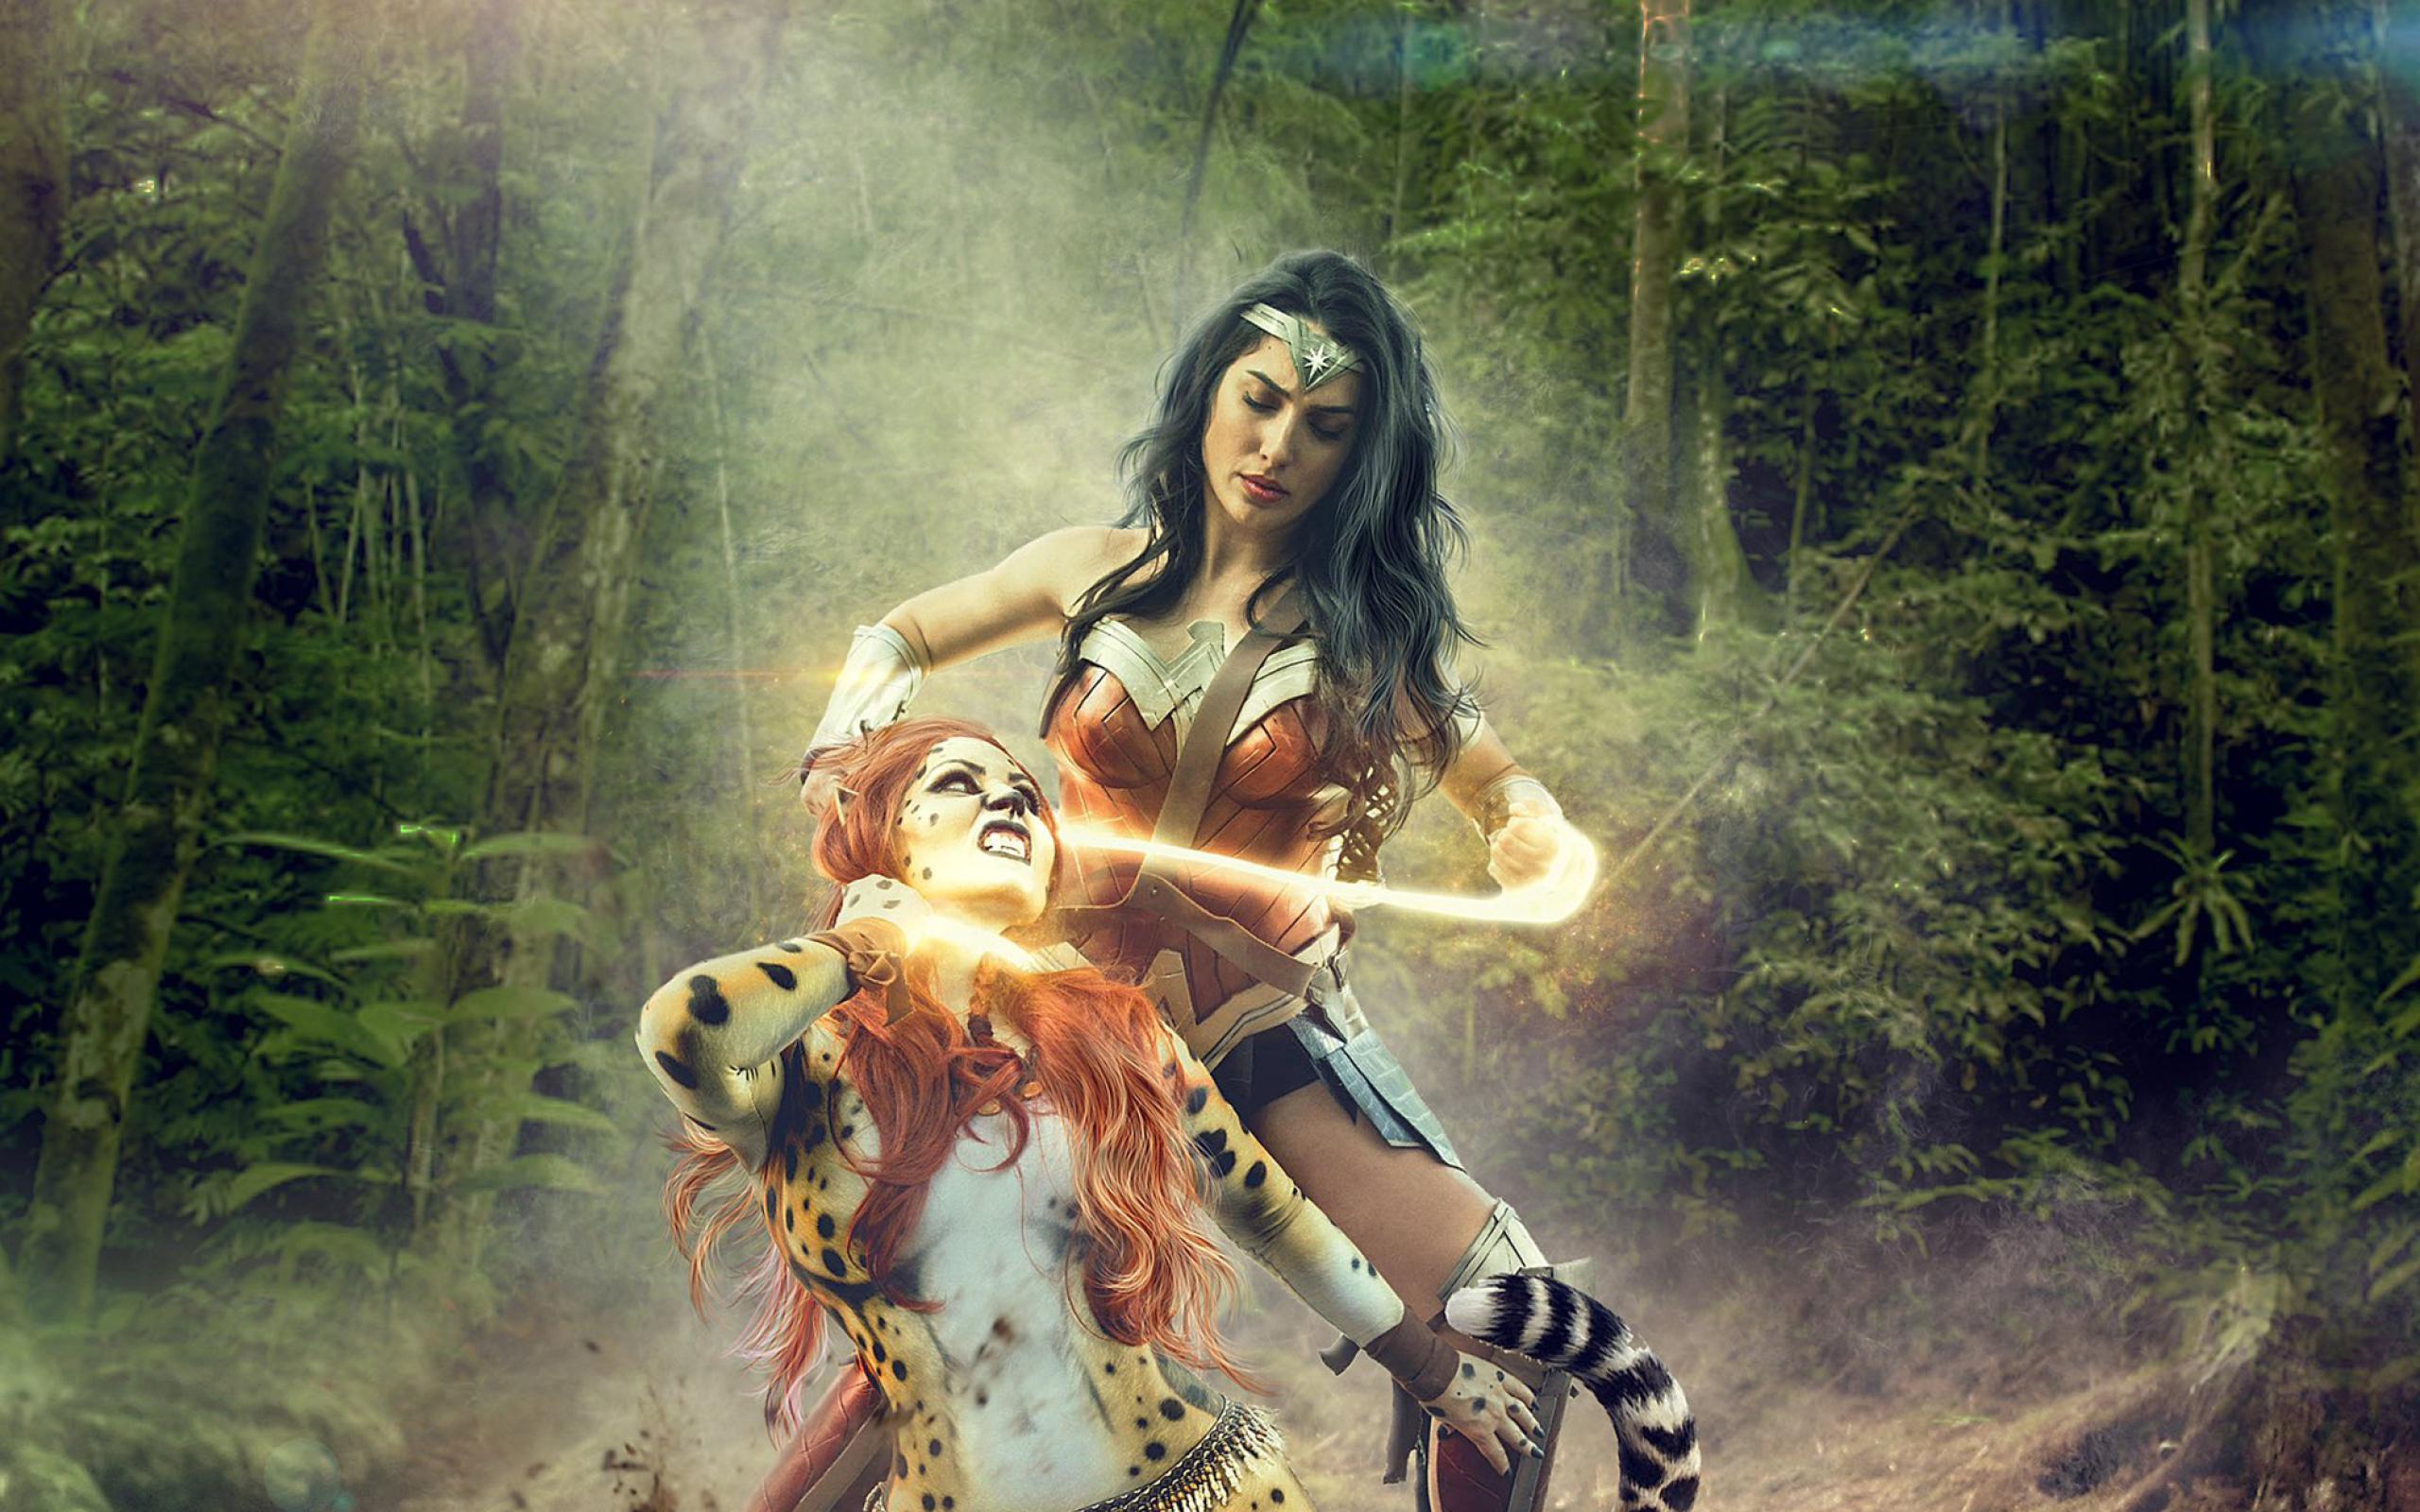 Wonder Woman Vs Cheetah Art Wallpapers - Wallpaper Cave